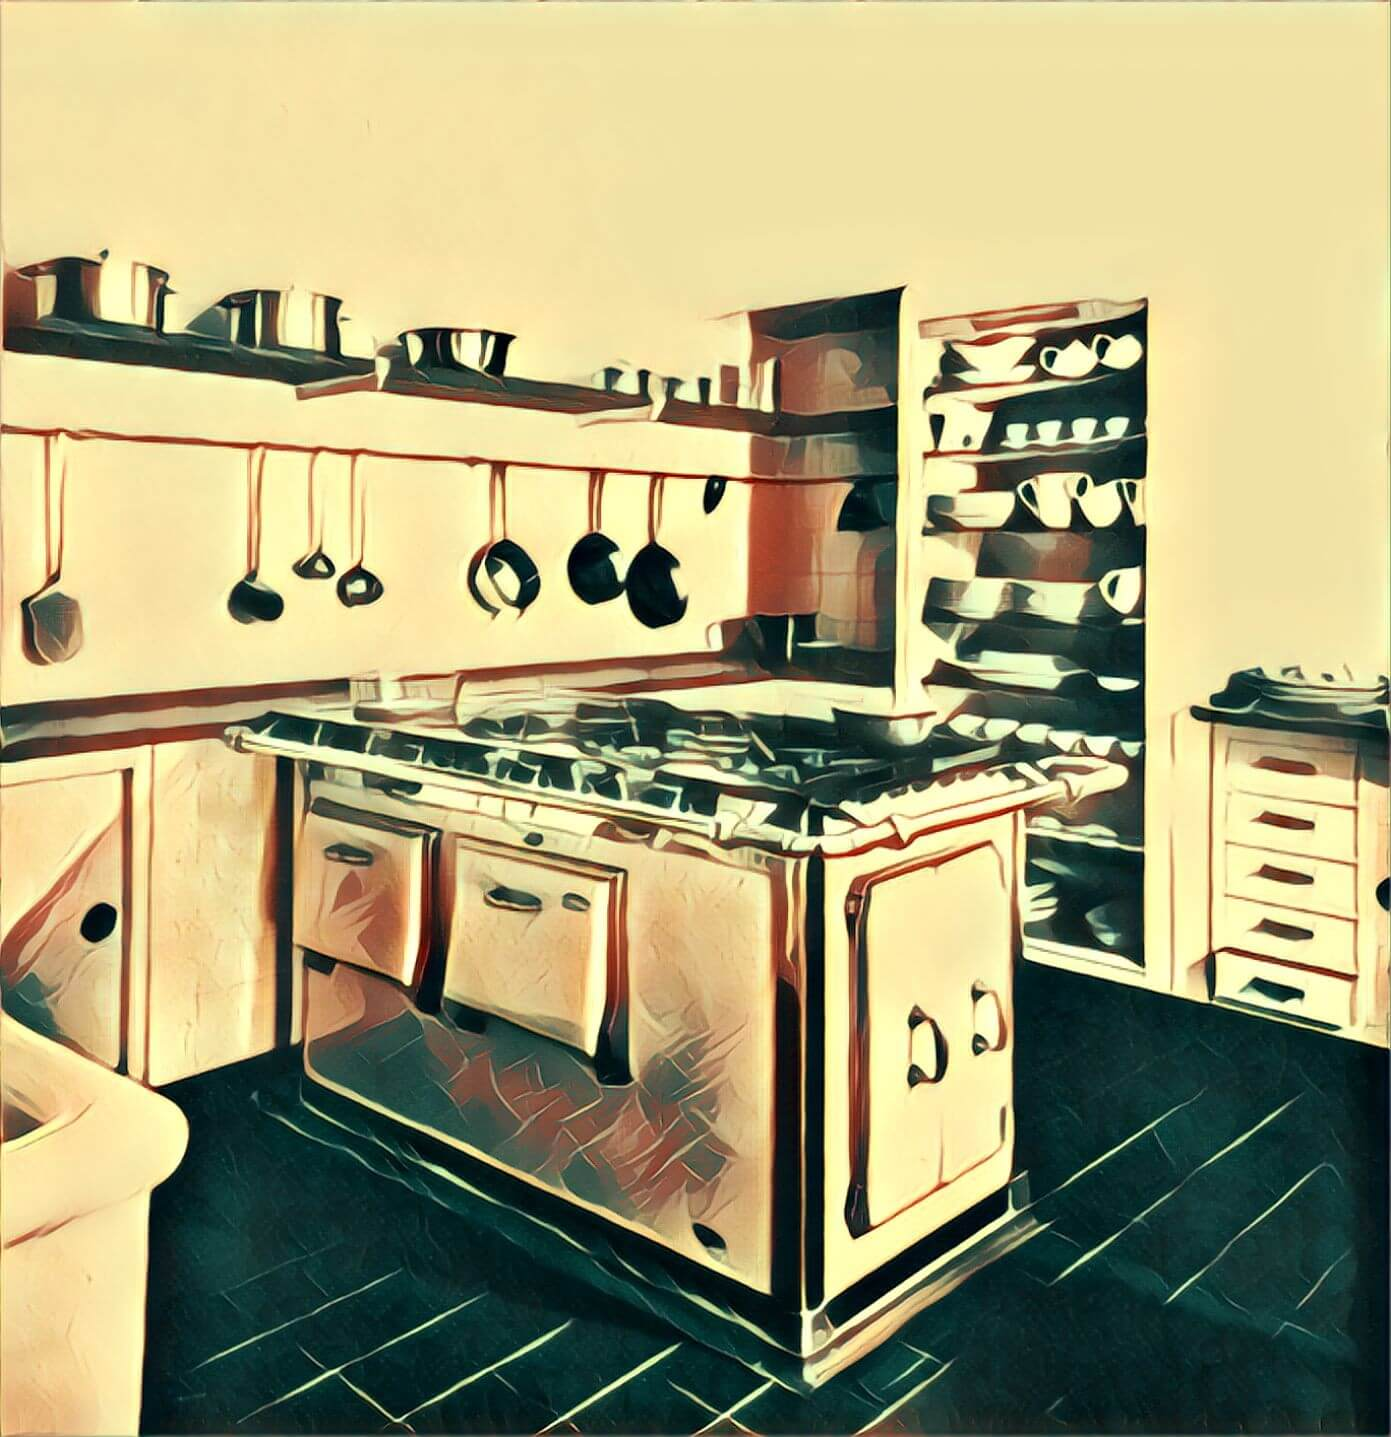 küche - traum-deutung - Traum Küche